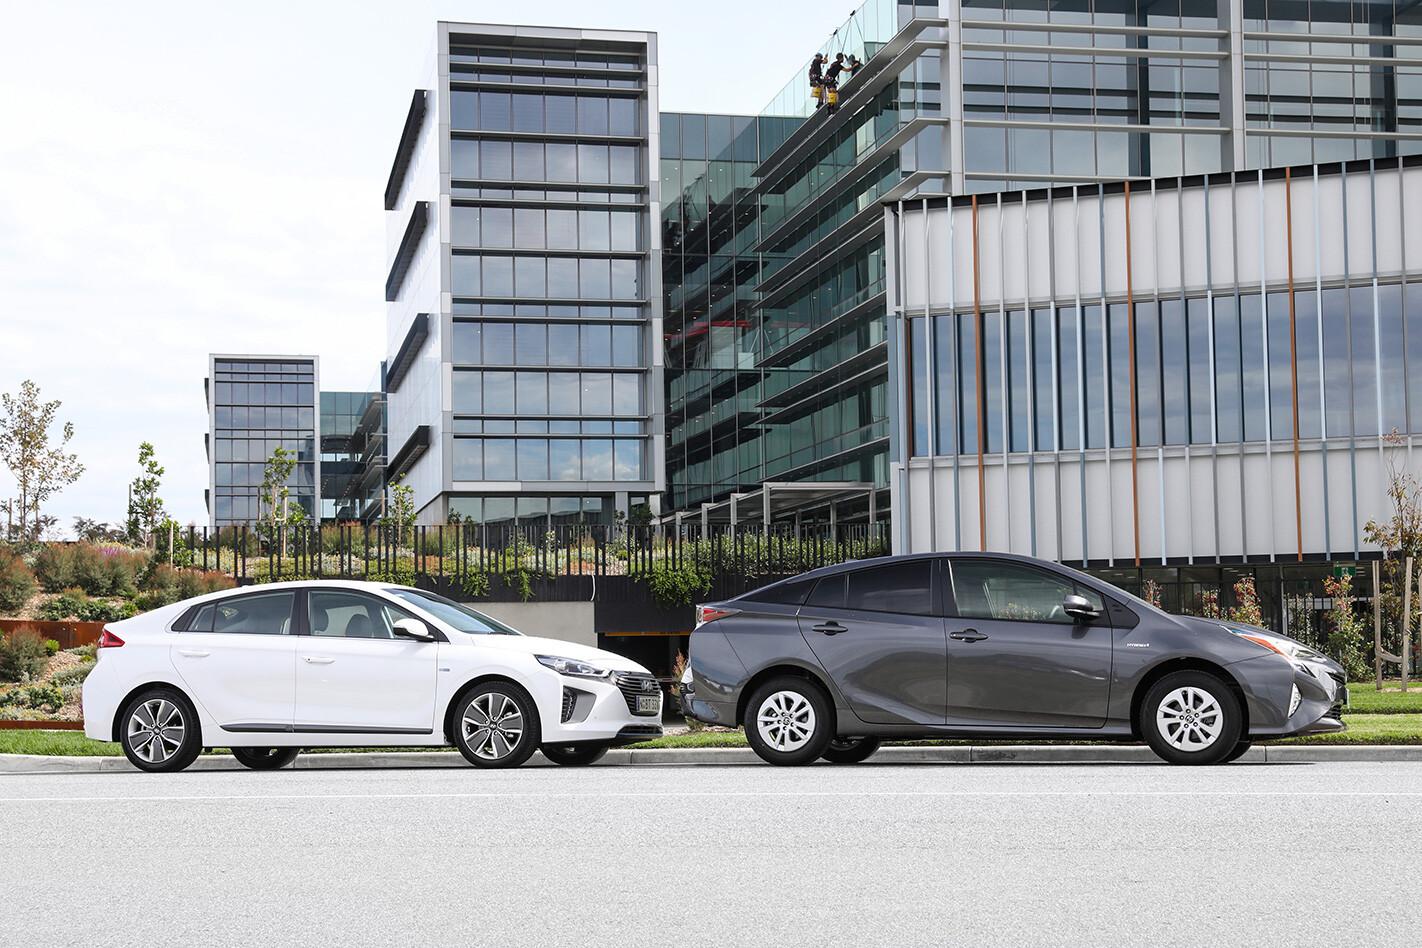 Hyundai Toyota Hybrid Duo Jpg